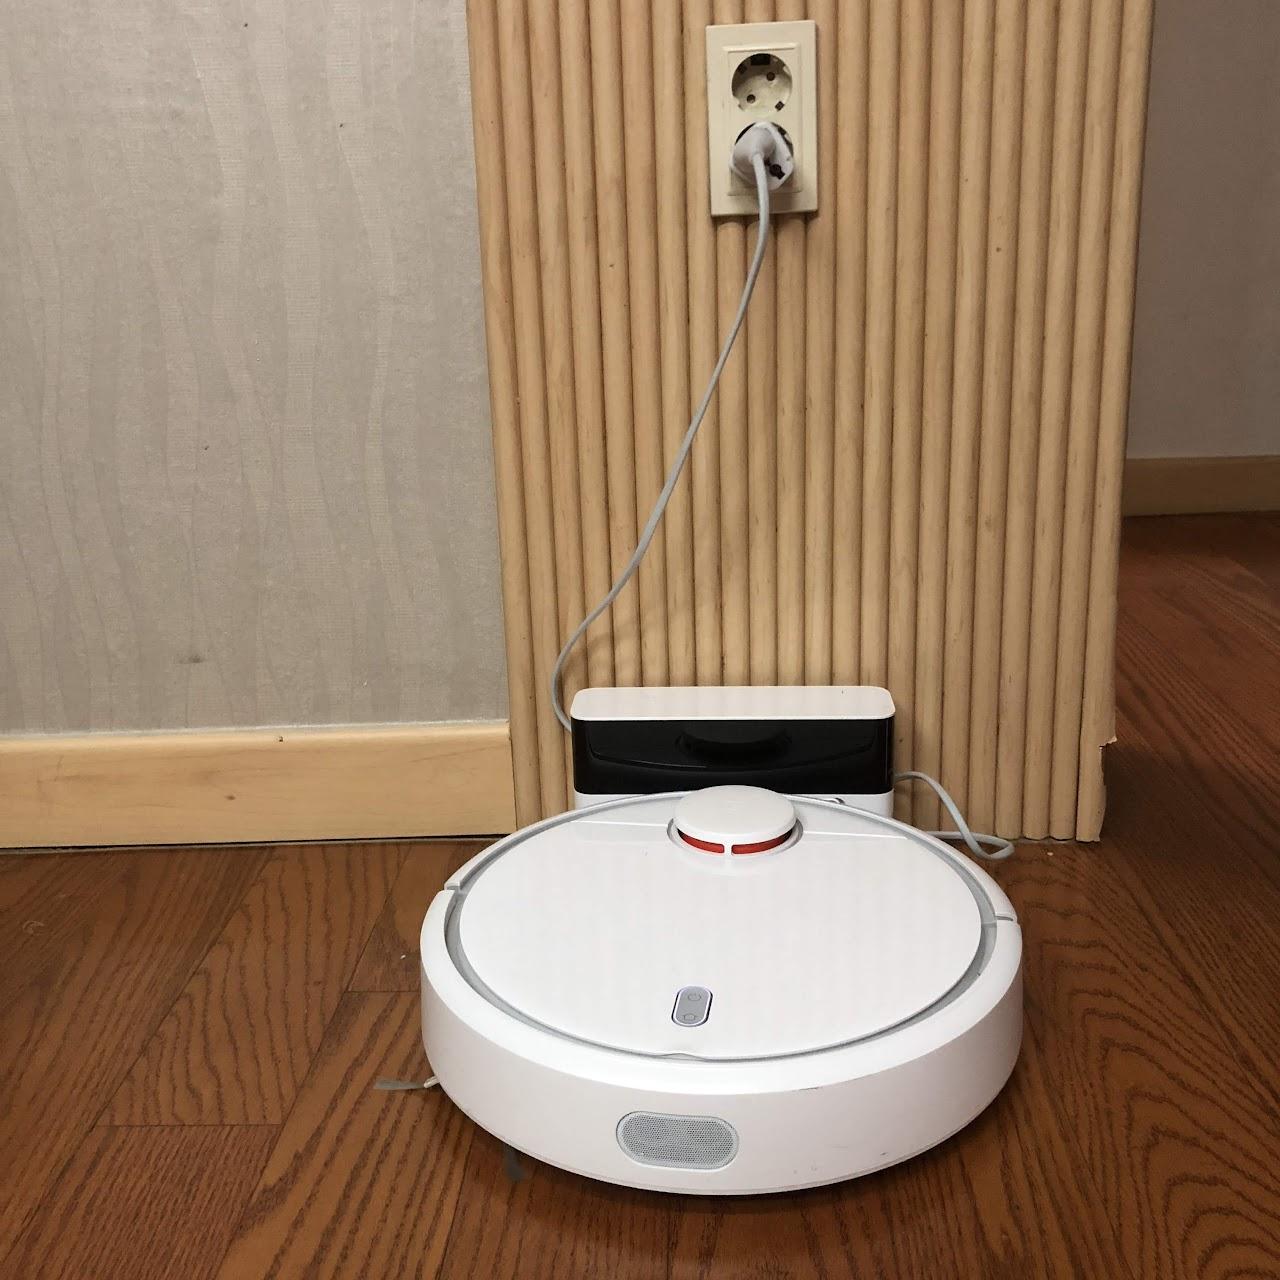 스마트폰과 연동되는 장난감 로봇, 샤오미 로봇청소기